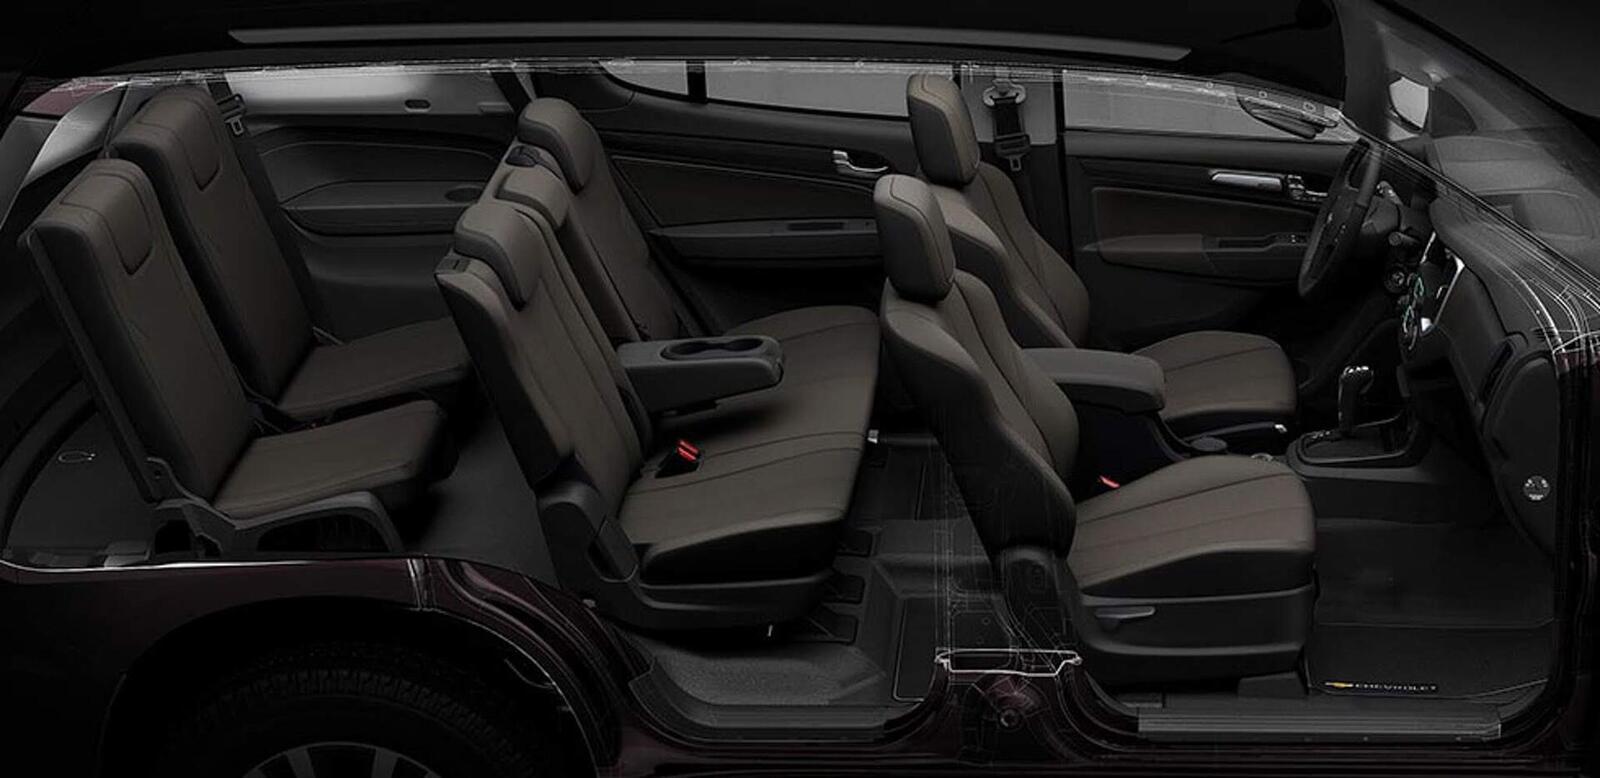 Chevrolet Trailblazer đã có giá bán; chỉ từ 859 triệu đồng - Hình 39